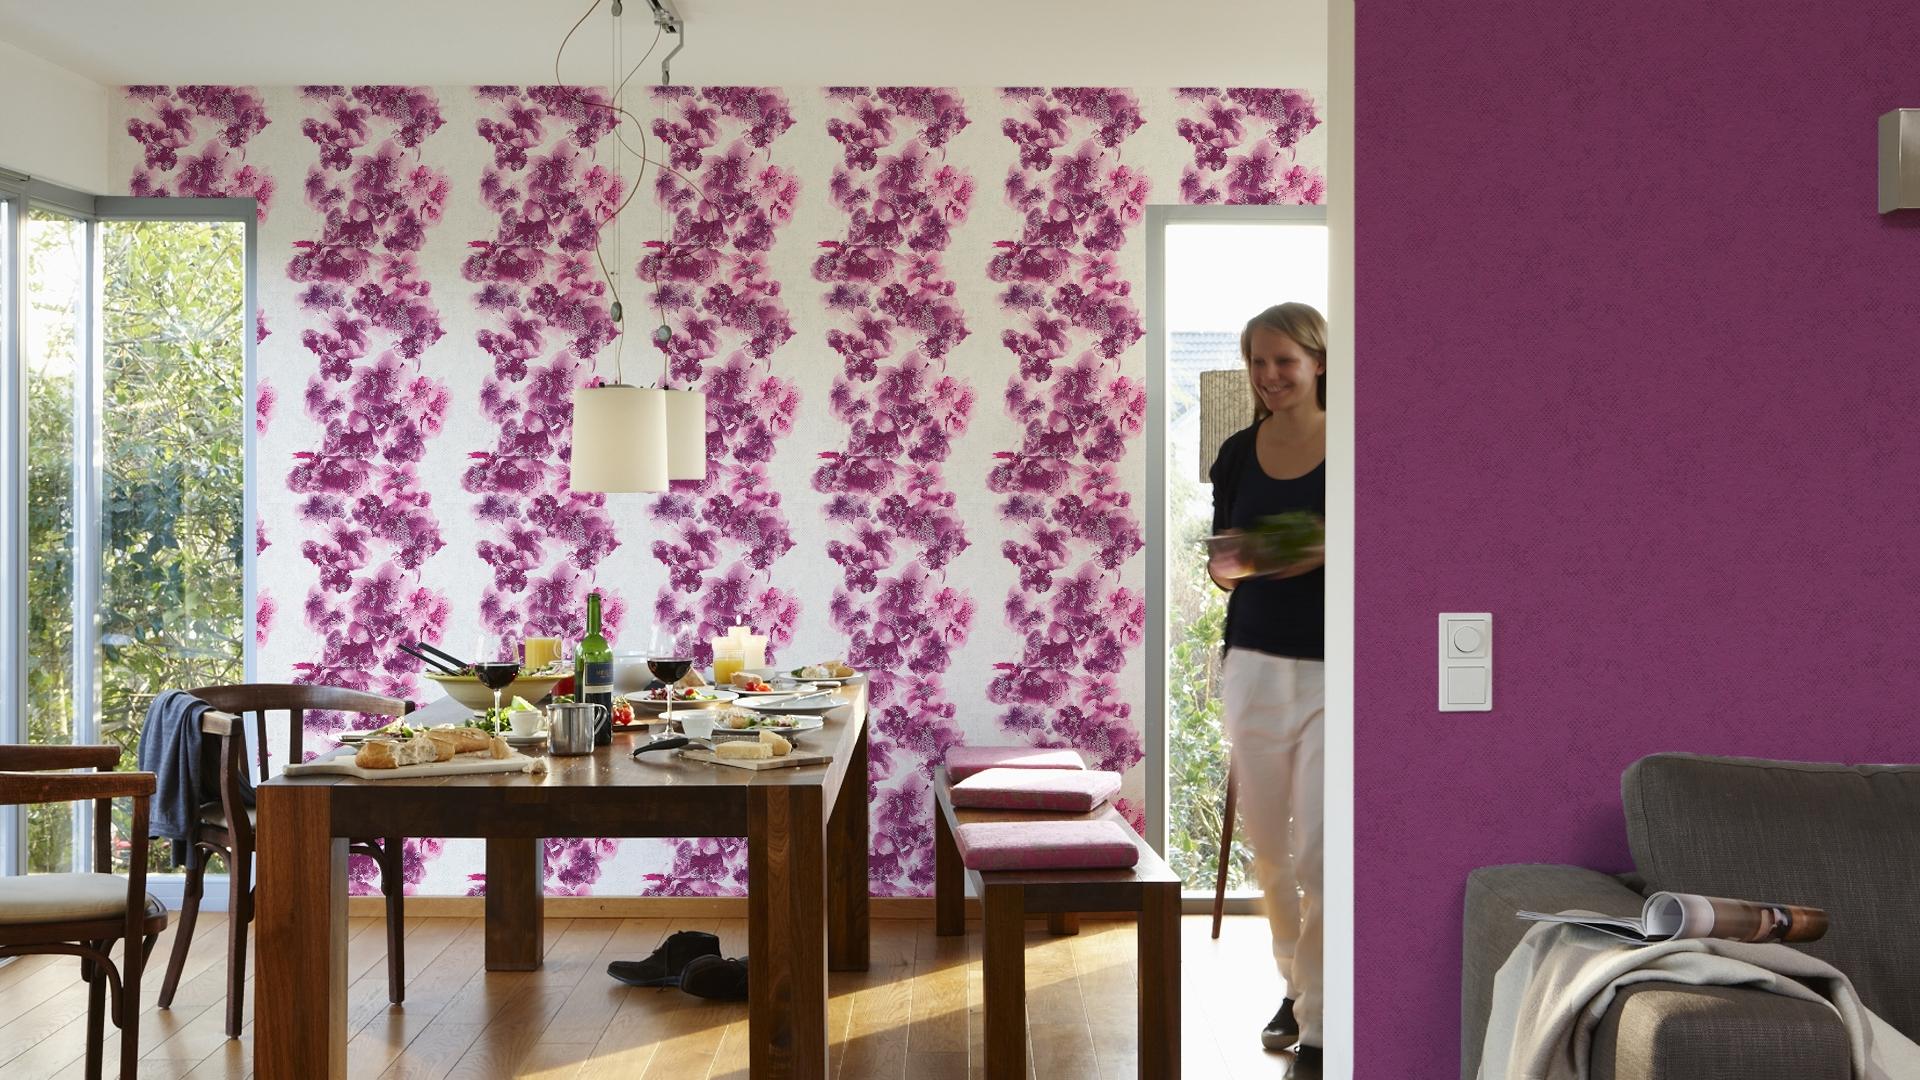 Livingwalls Vliestapete METROPOLIS by Michalsky Living, Mustertapete Honolulu, floral, aquarelle, violett, weiß